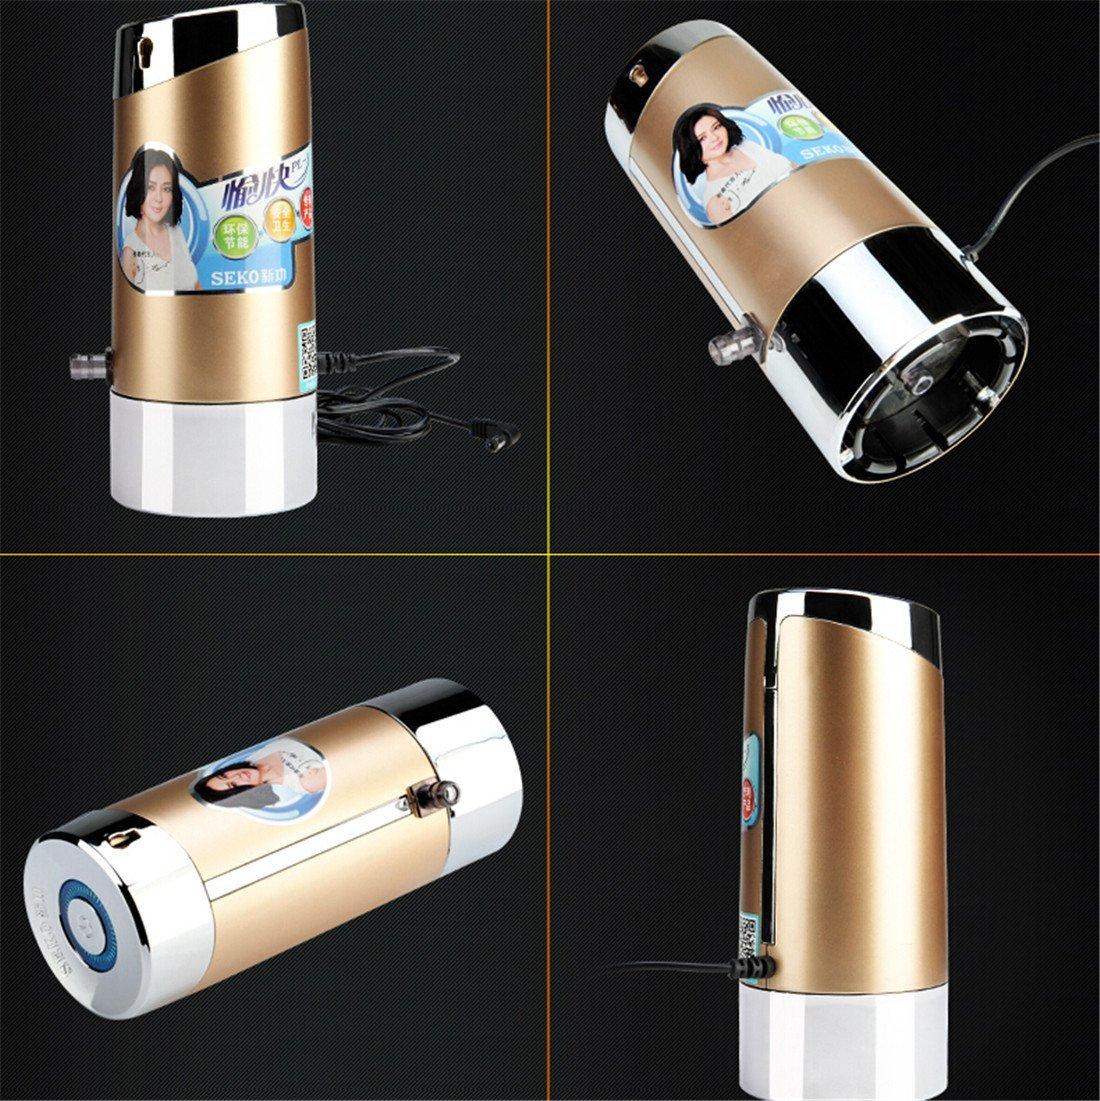 Alfunbel - phương Belle Seko mới công PL (3 màu vàng) nước tinh khiết nước máy bơm nước, vòi nước má